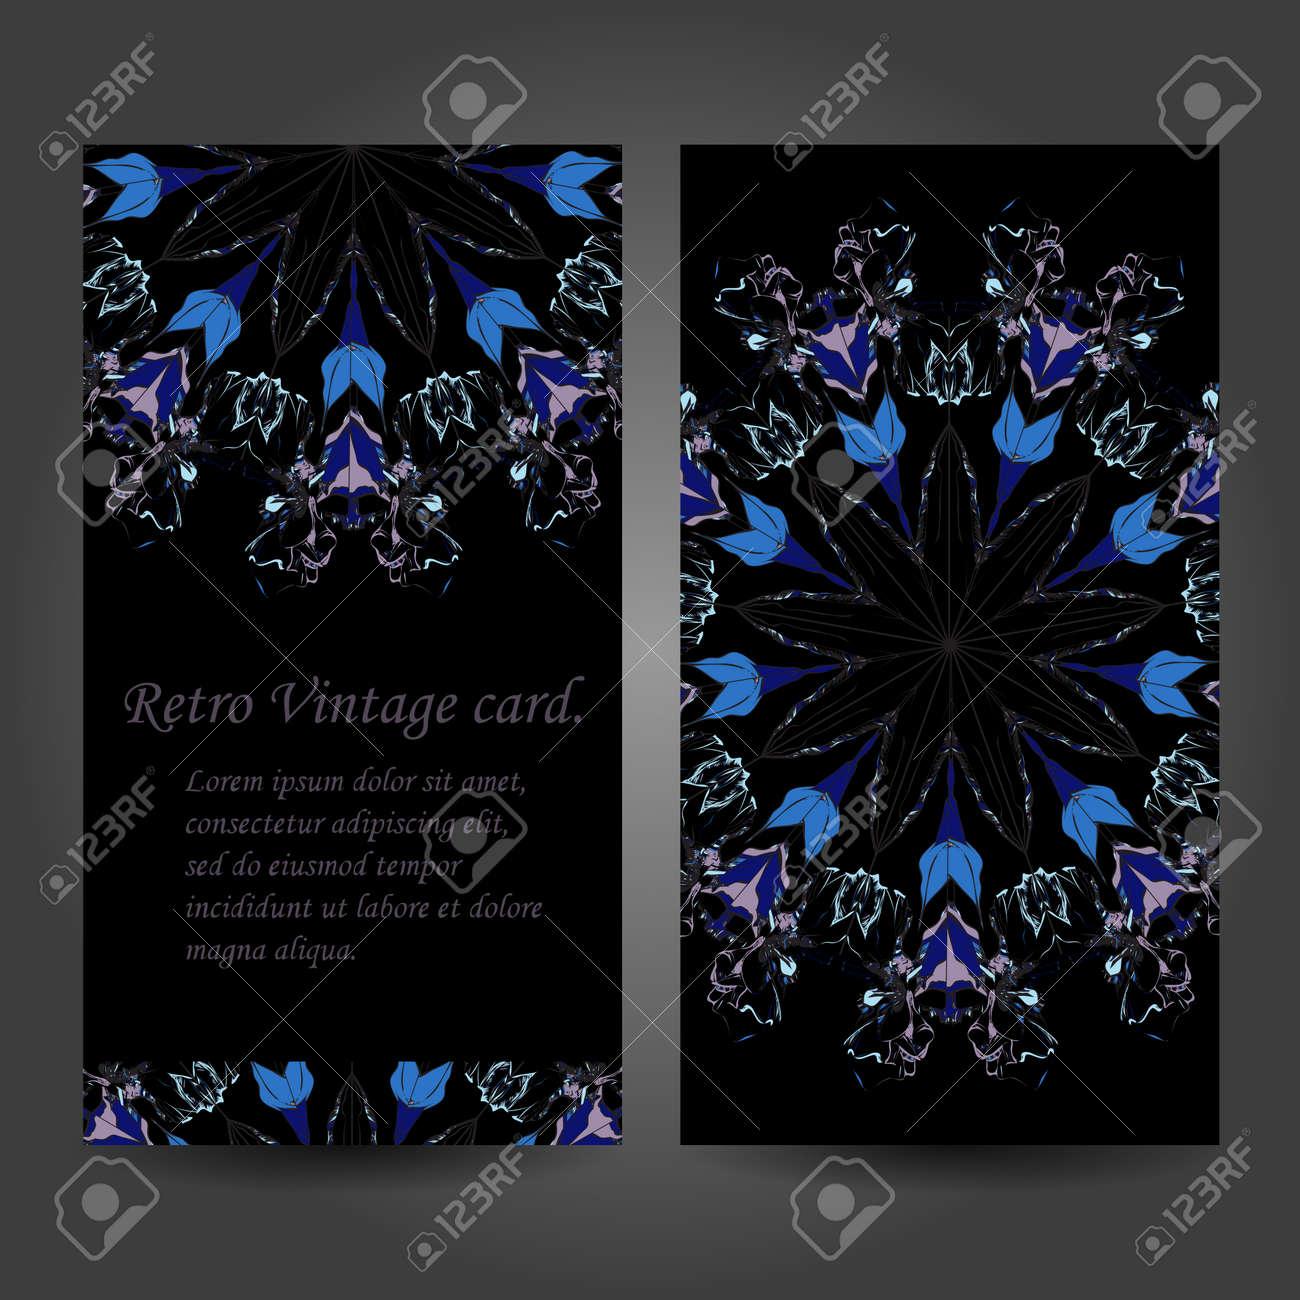 Set Retro Carte De Visite Vecteur Fond Ou Invitation Elements Decoratifs